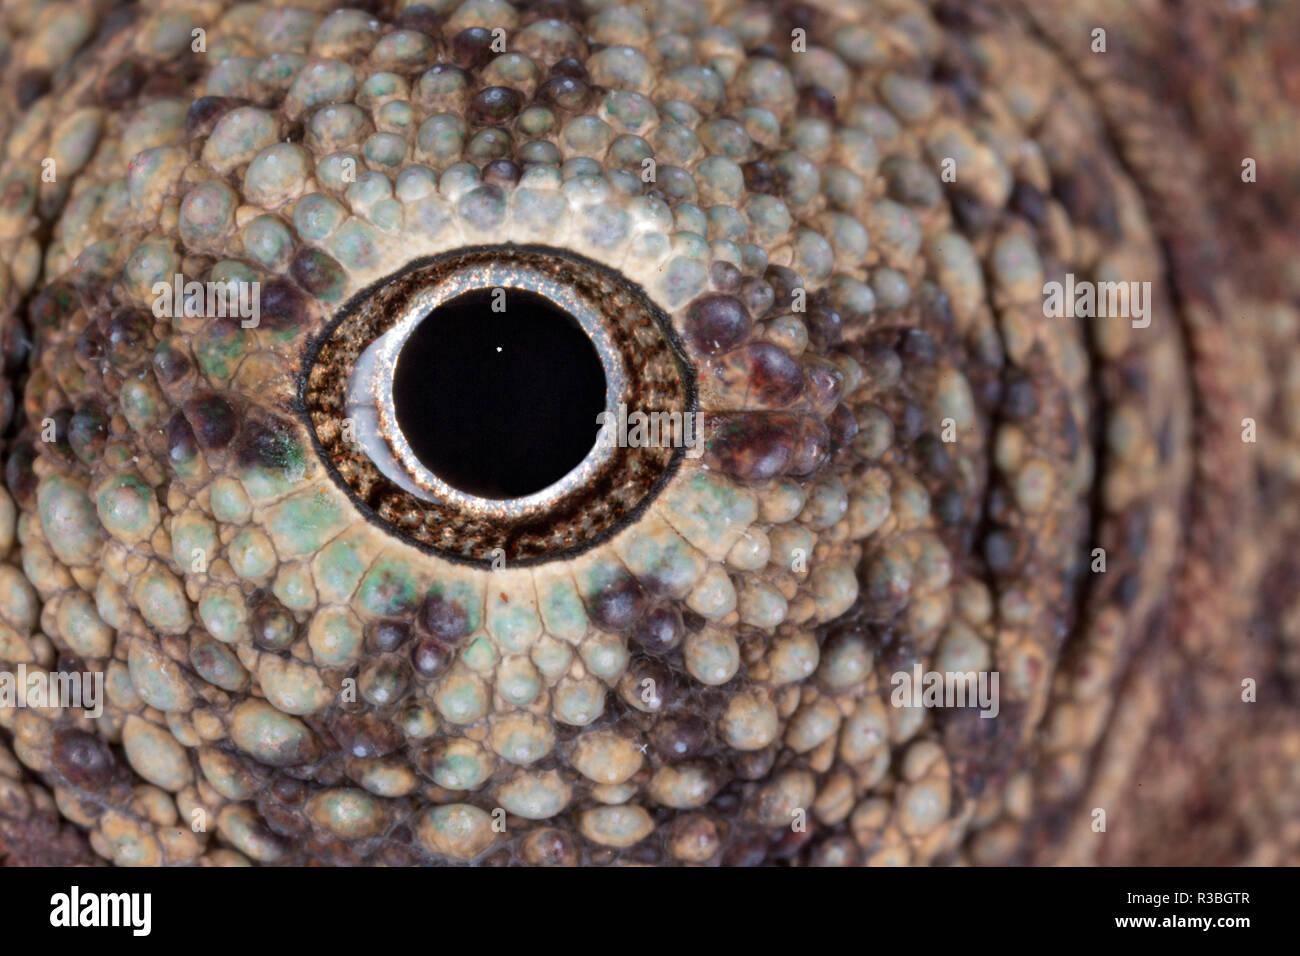 Nahaufnahme der Chameleon Augapfel Stockbild